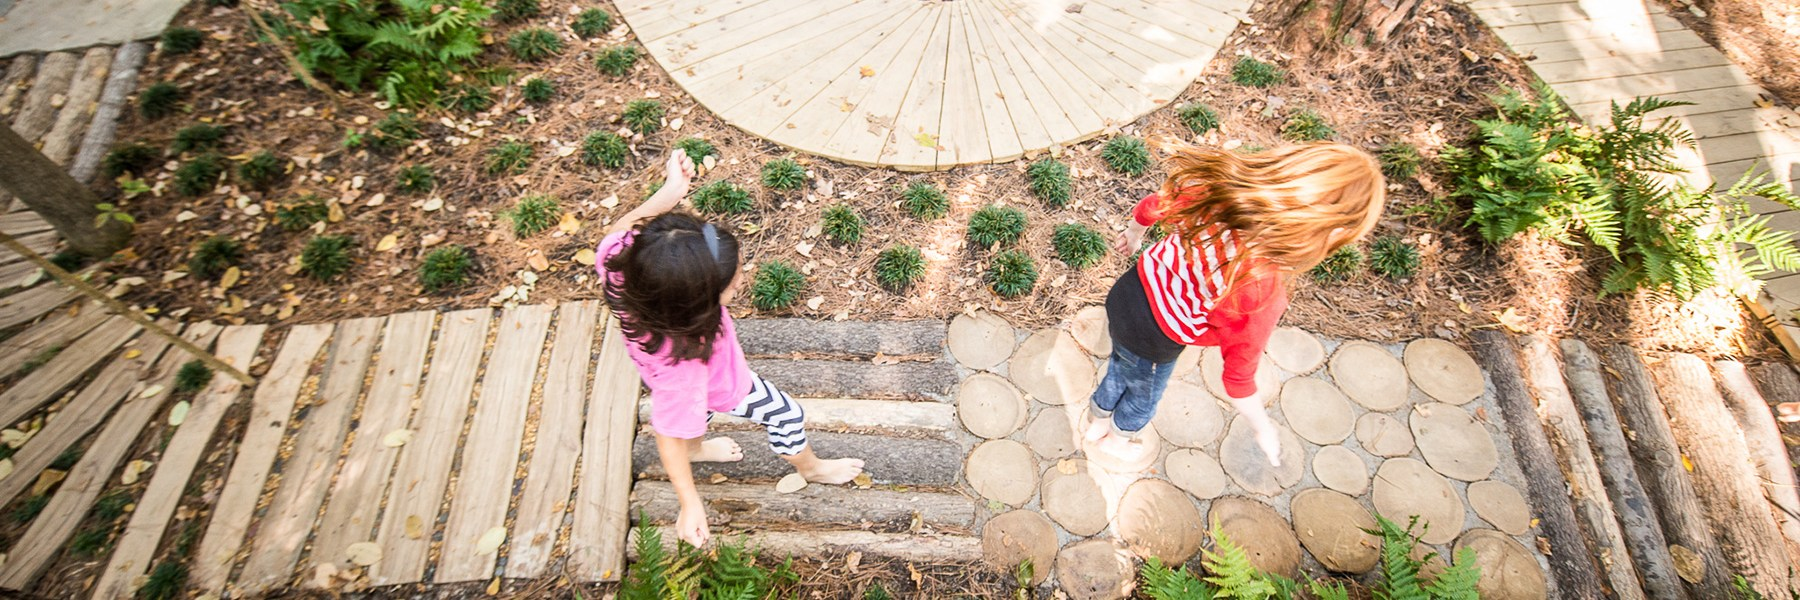 Kids walking along pathway